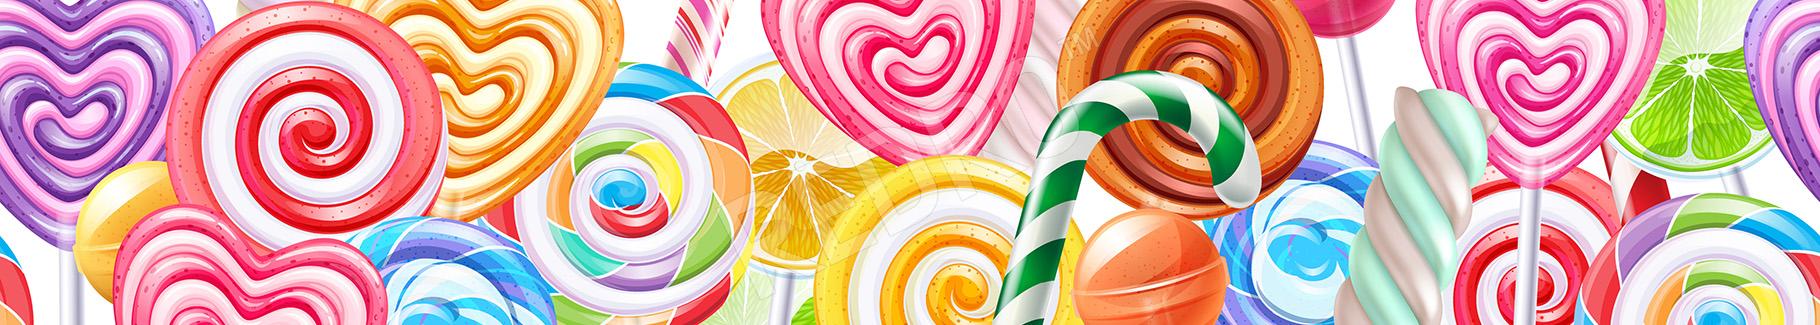 Fototapeta kolorowe lizaki